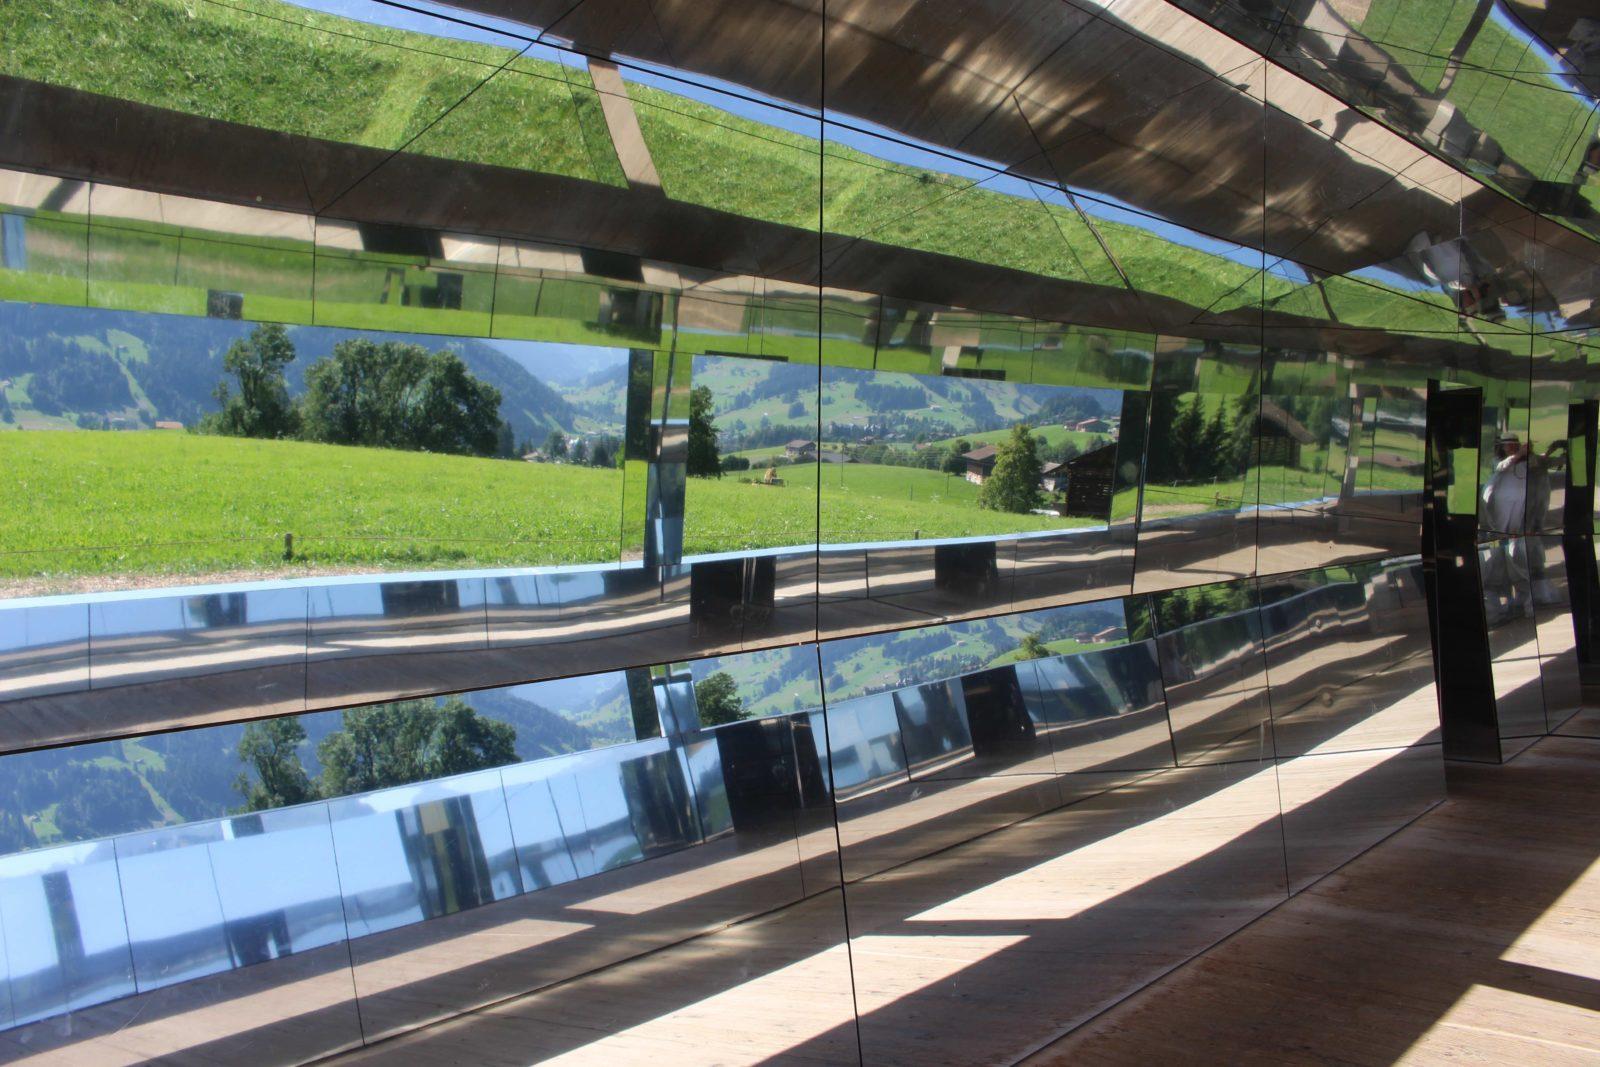 Mirage Gstaad Intérieur vue depuis une fenêtre